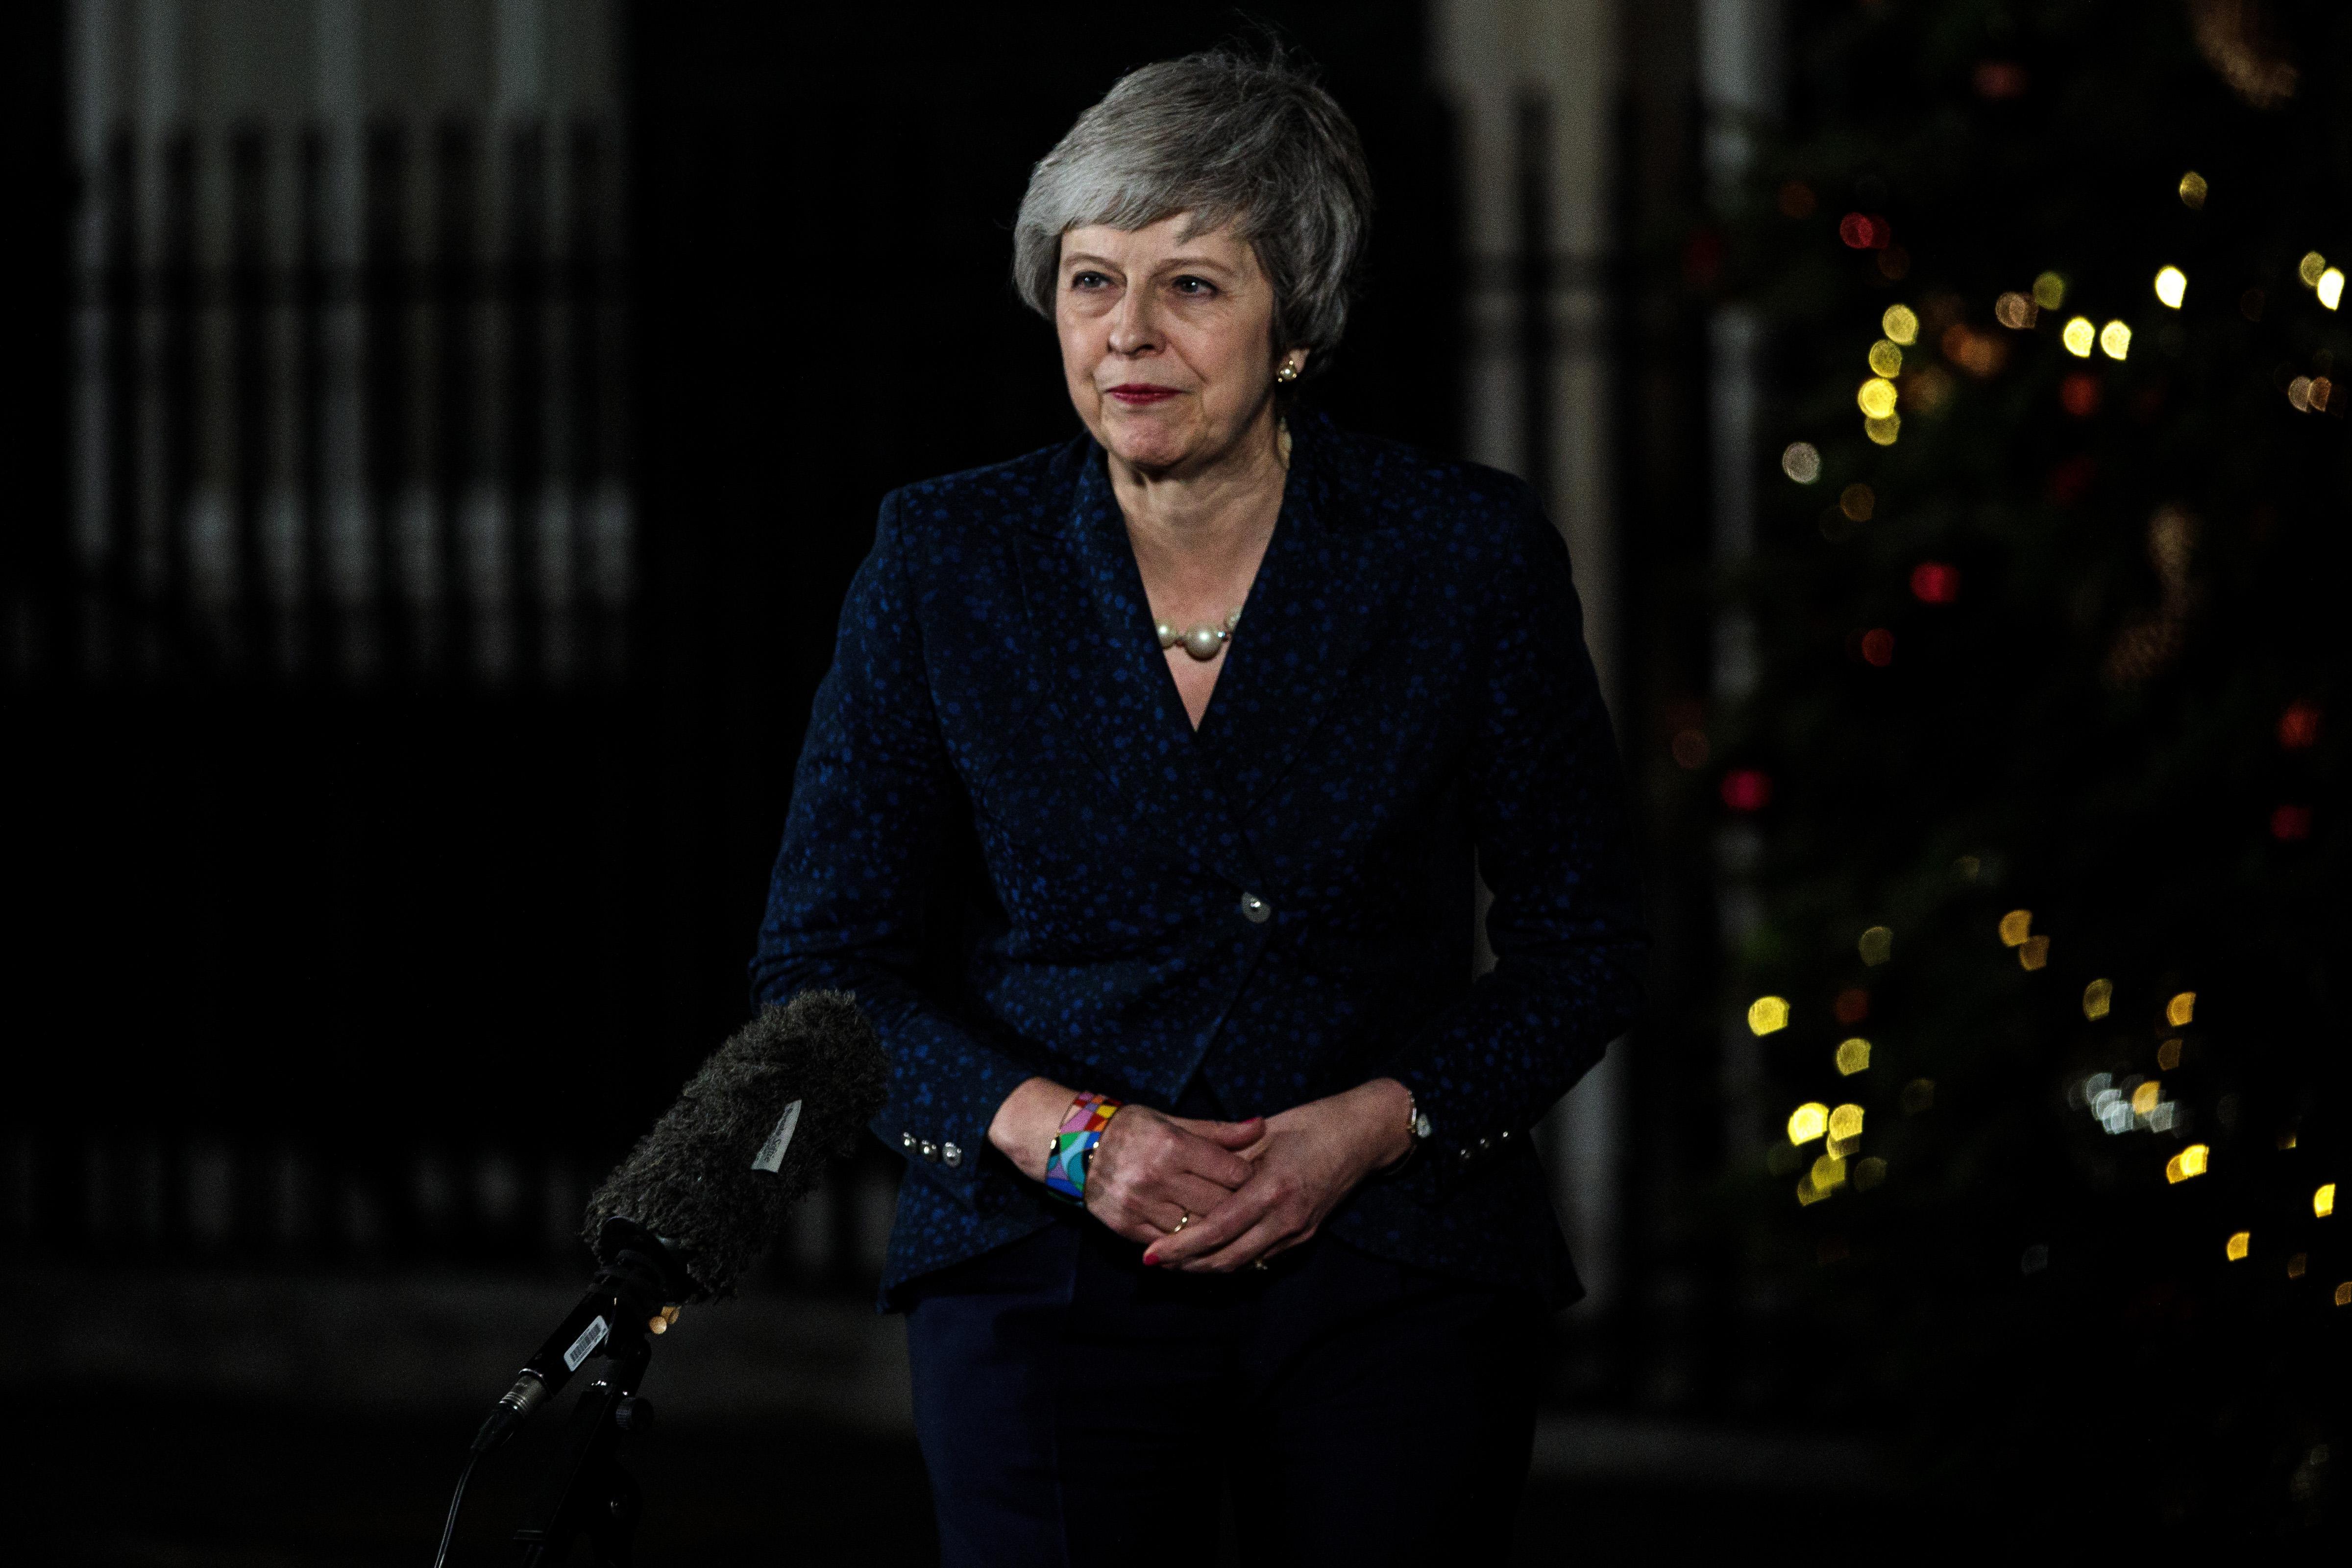 Theresa May outside No. 10 Downing Street.